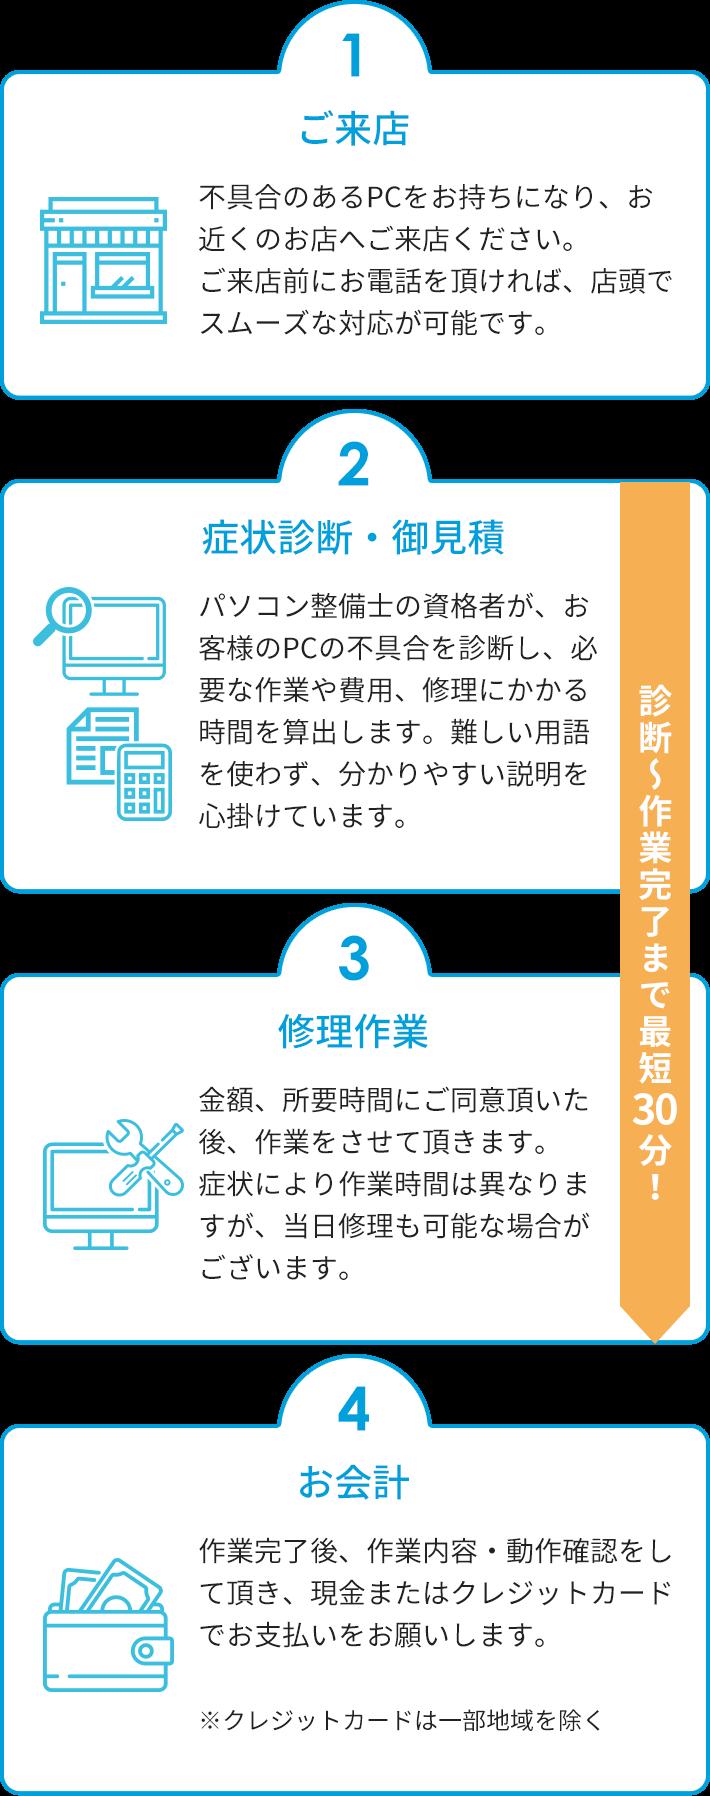 1.ご来店>2.症状診断・お見積り>3.修理作業>4.お会計